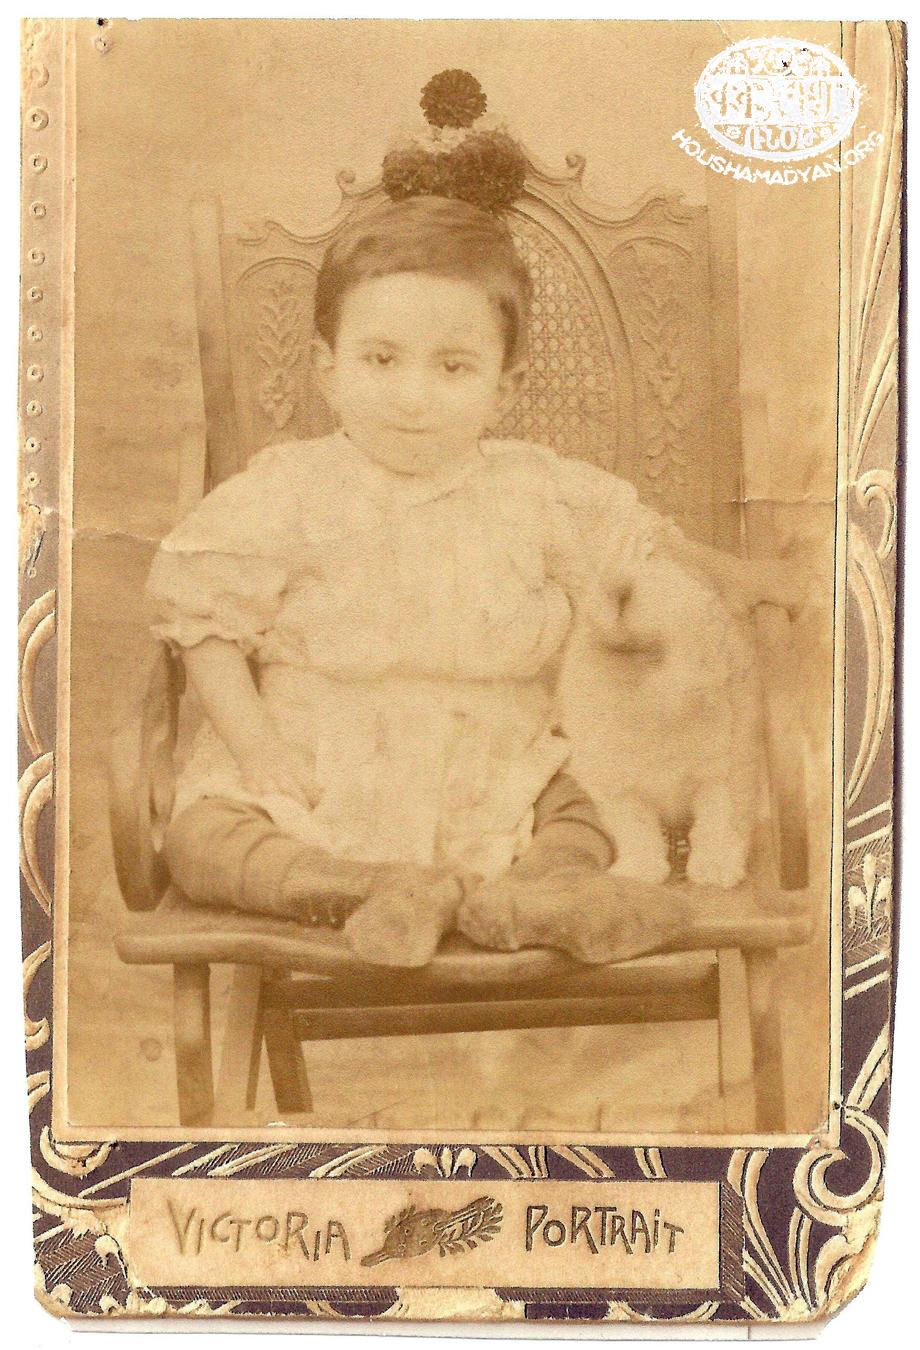 Փոքրիկն Պատրիկ Առաքելեան, 1910, Եոզկատ